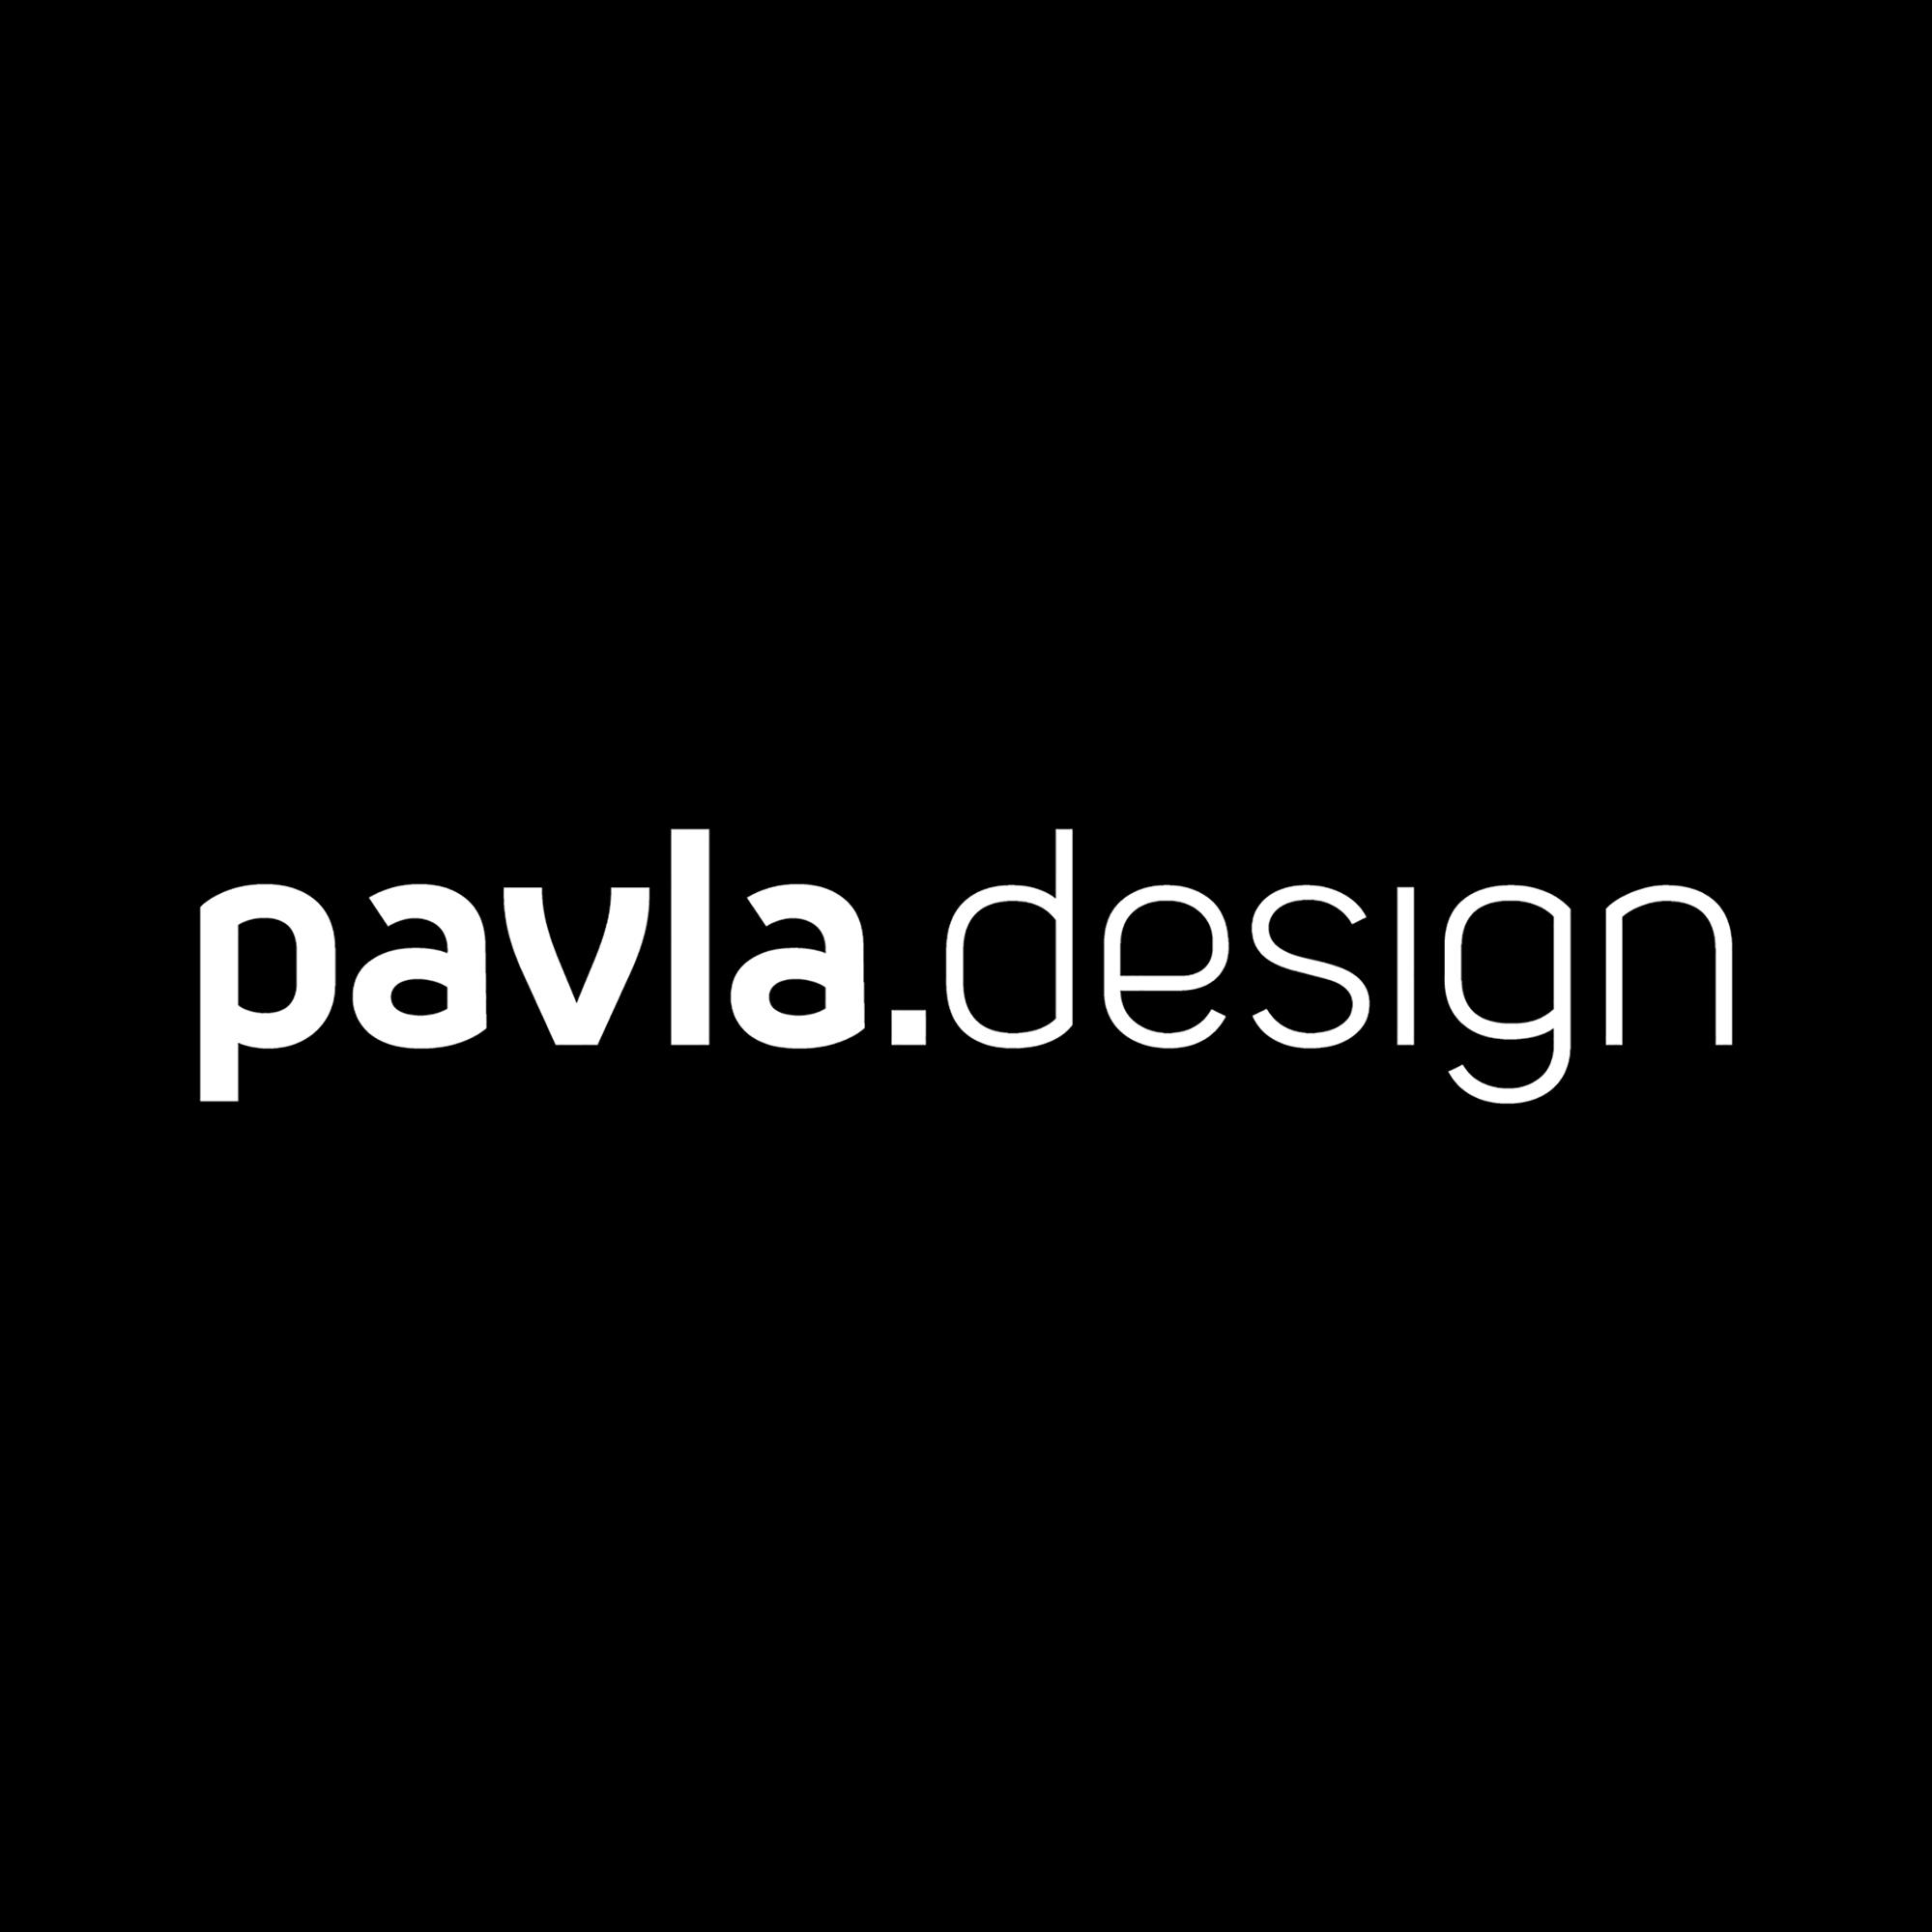 pavla.design